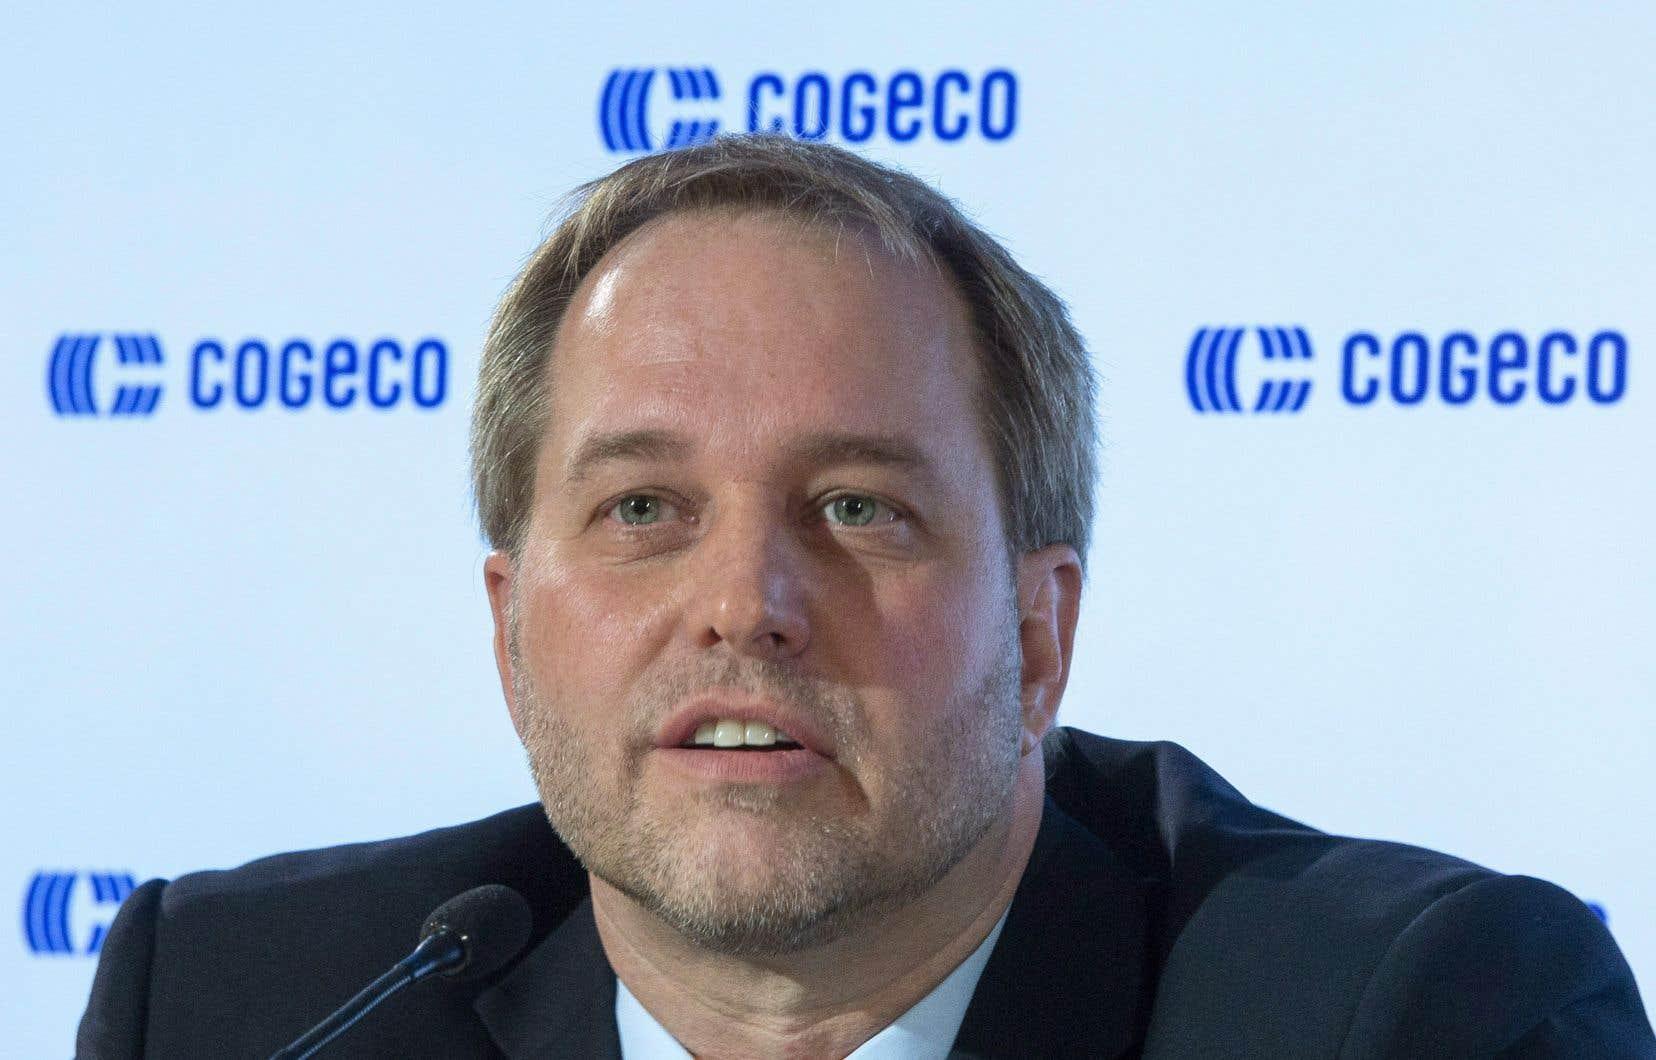 Le président et chef de la direction de Cogeco, Philippe Jetté,a assuré mercredi que la transition numérique au sein de la filiale Cogeco Communications, amorcée l'année dernière, est terminée.